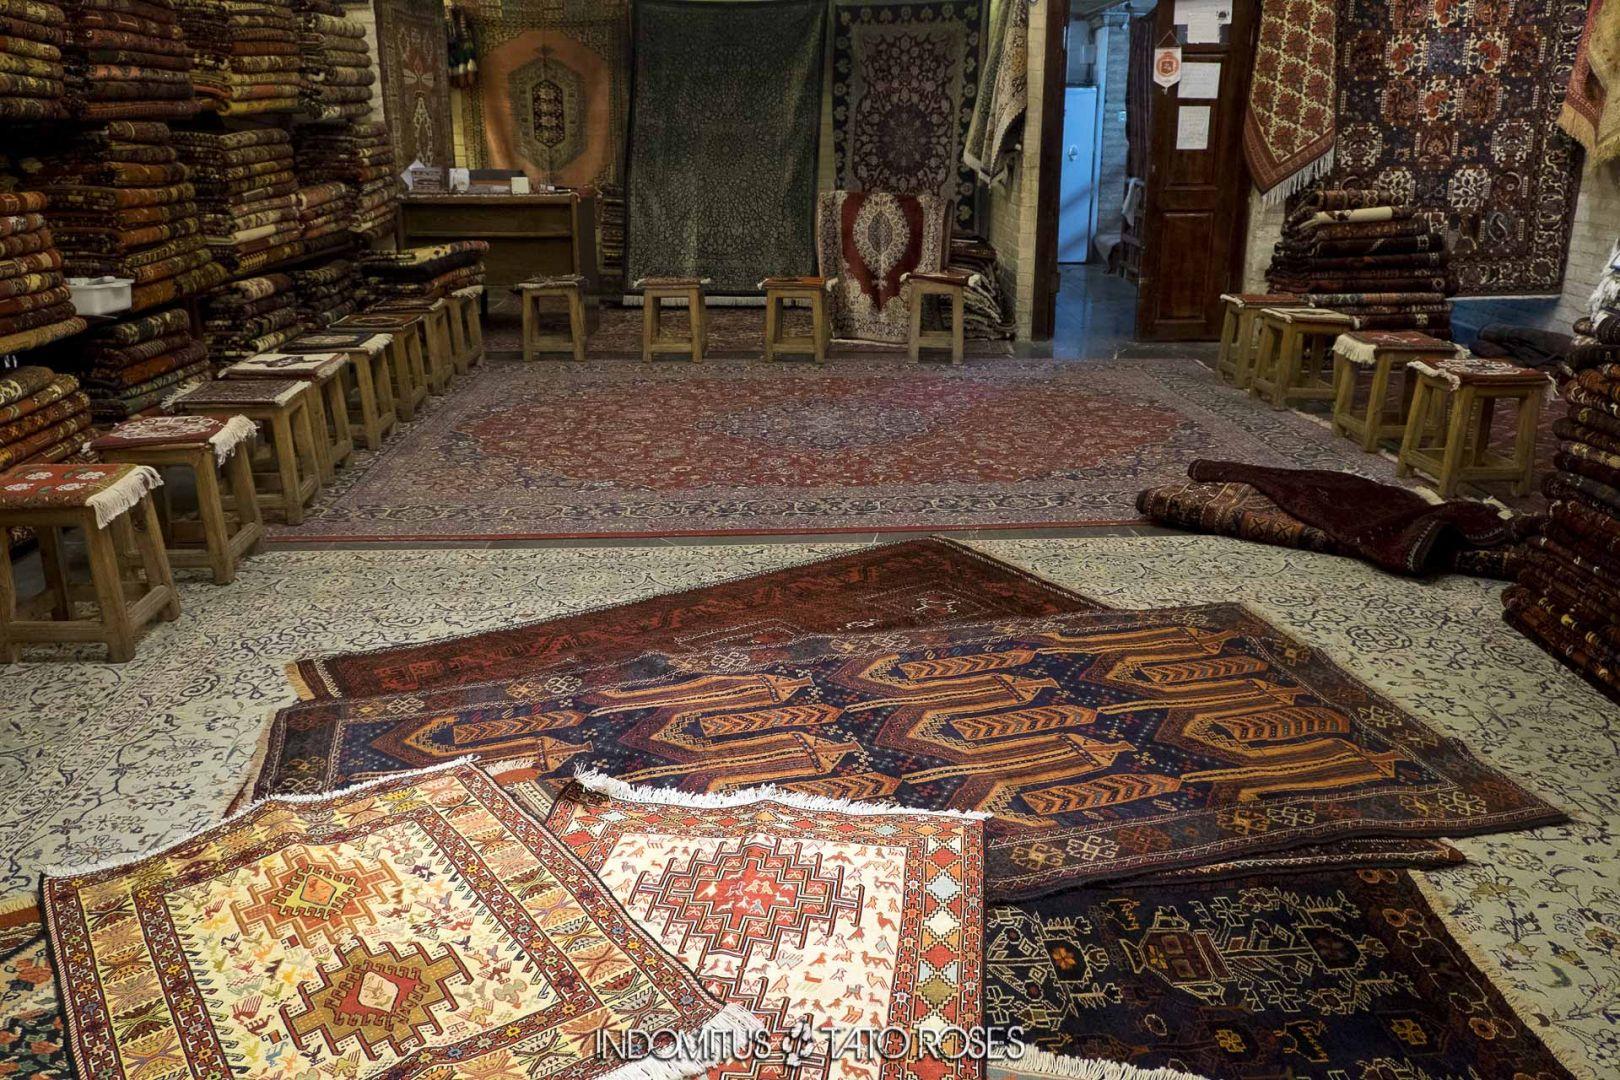 Irán 232 Tienda alfombras bazar Isfahan